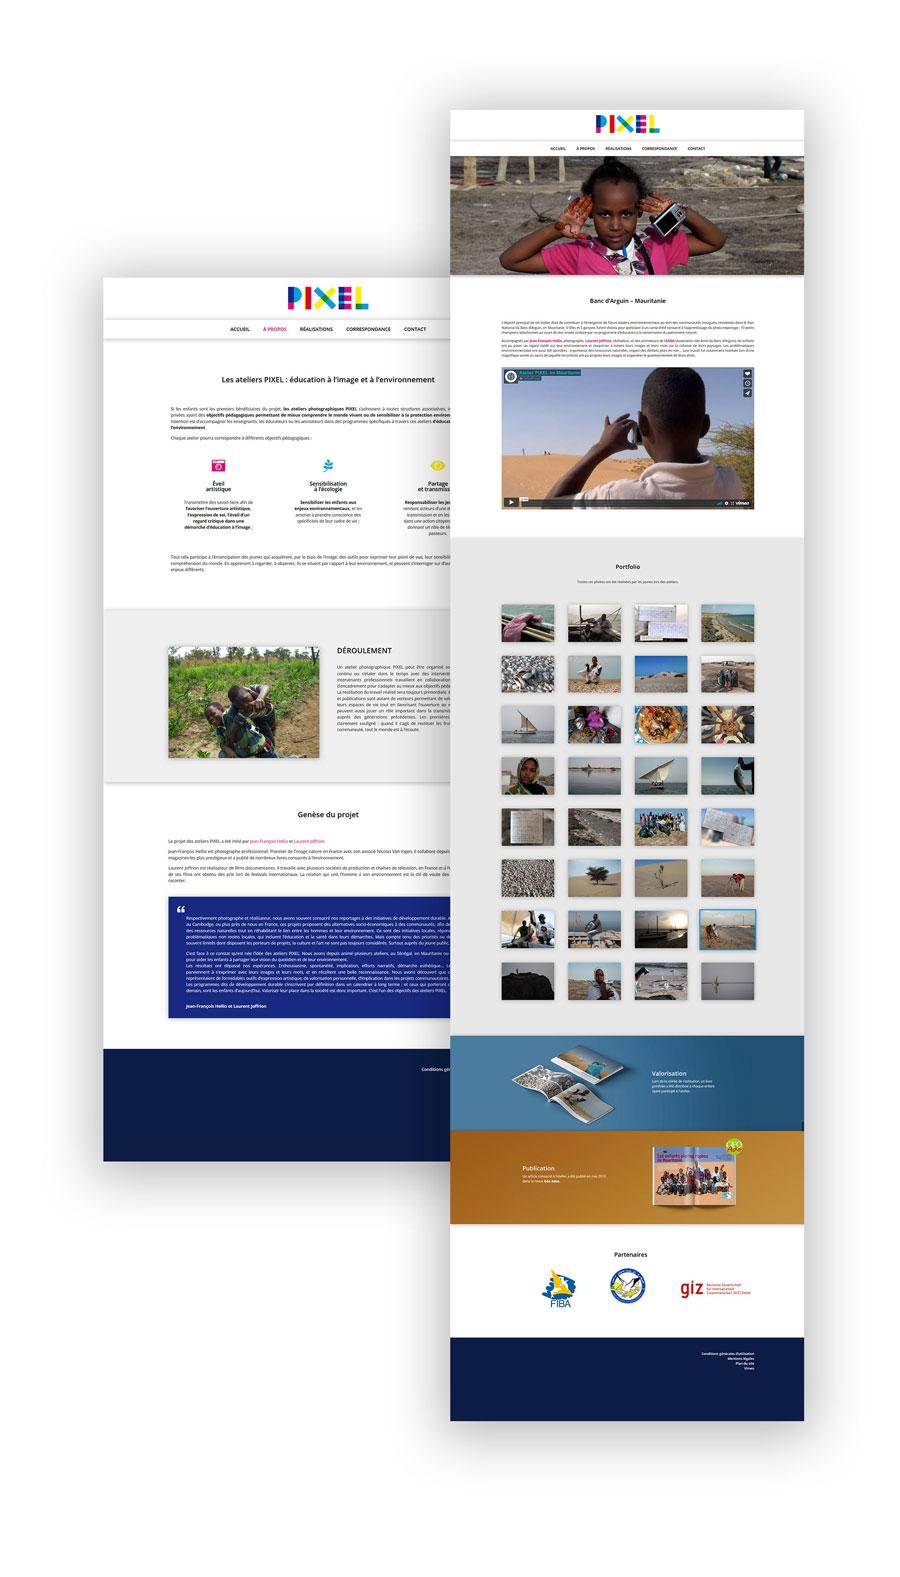 CreationSiteinternet-ateliersPixel